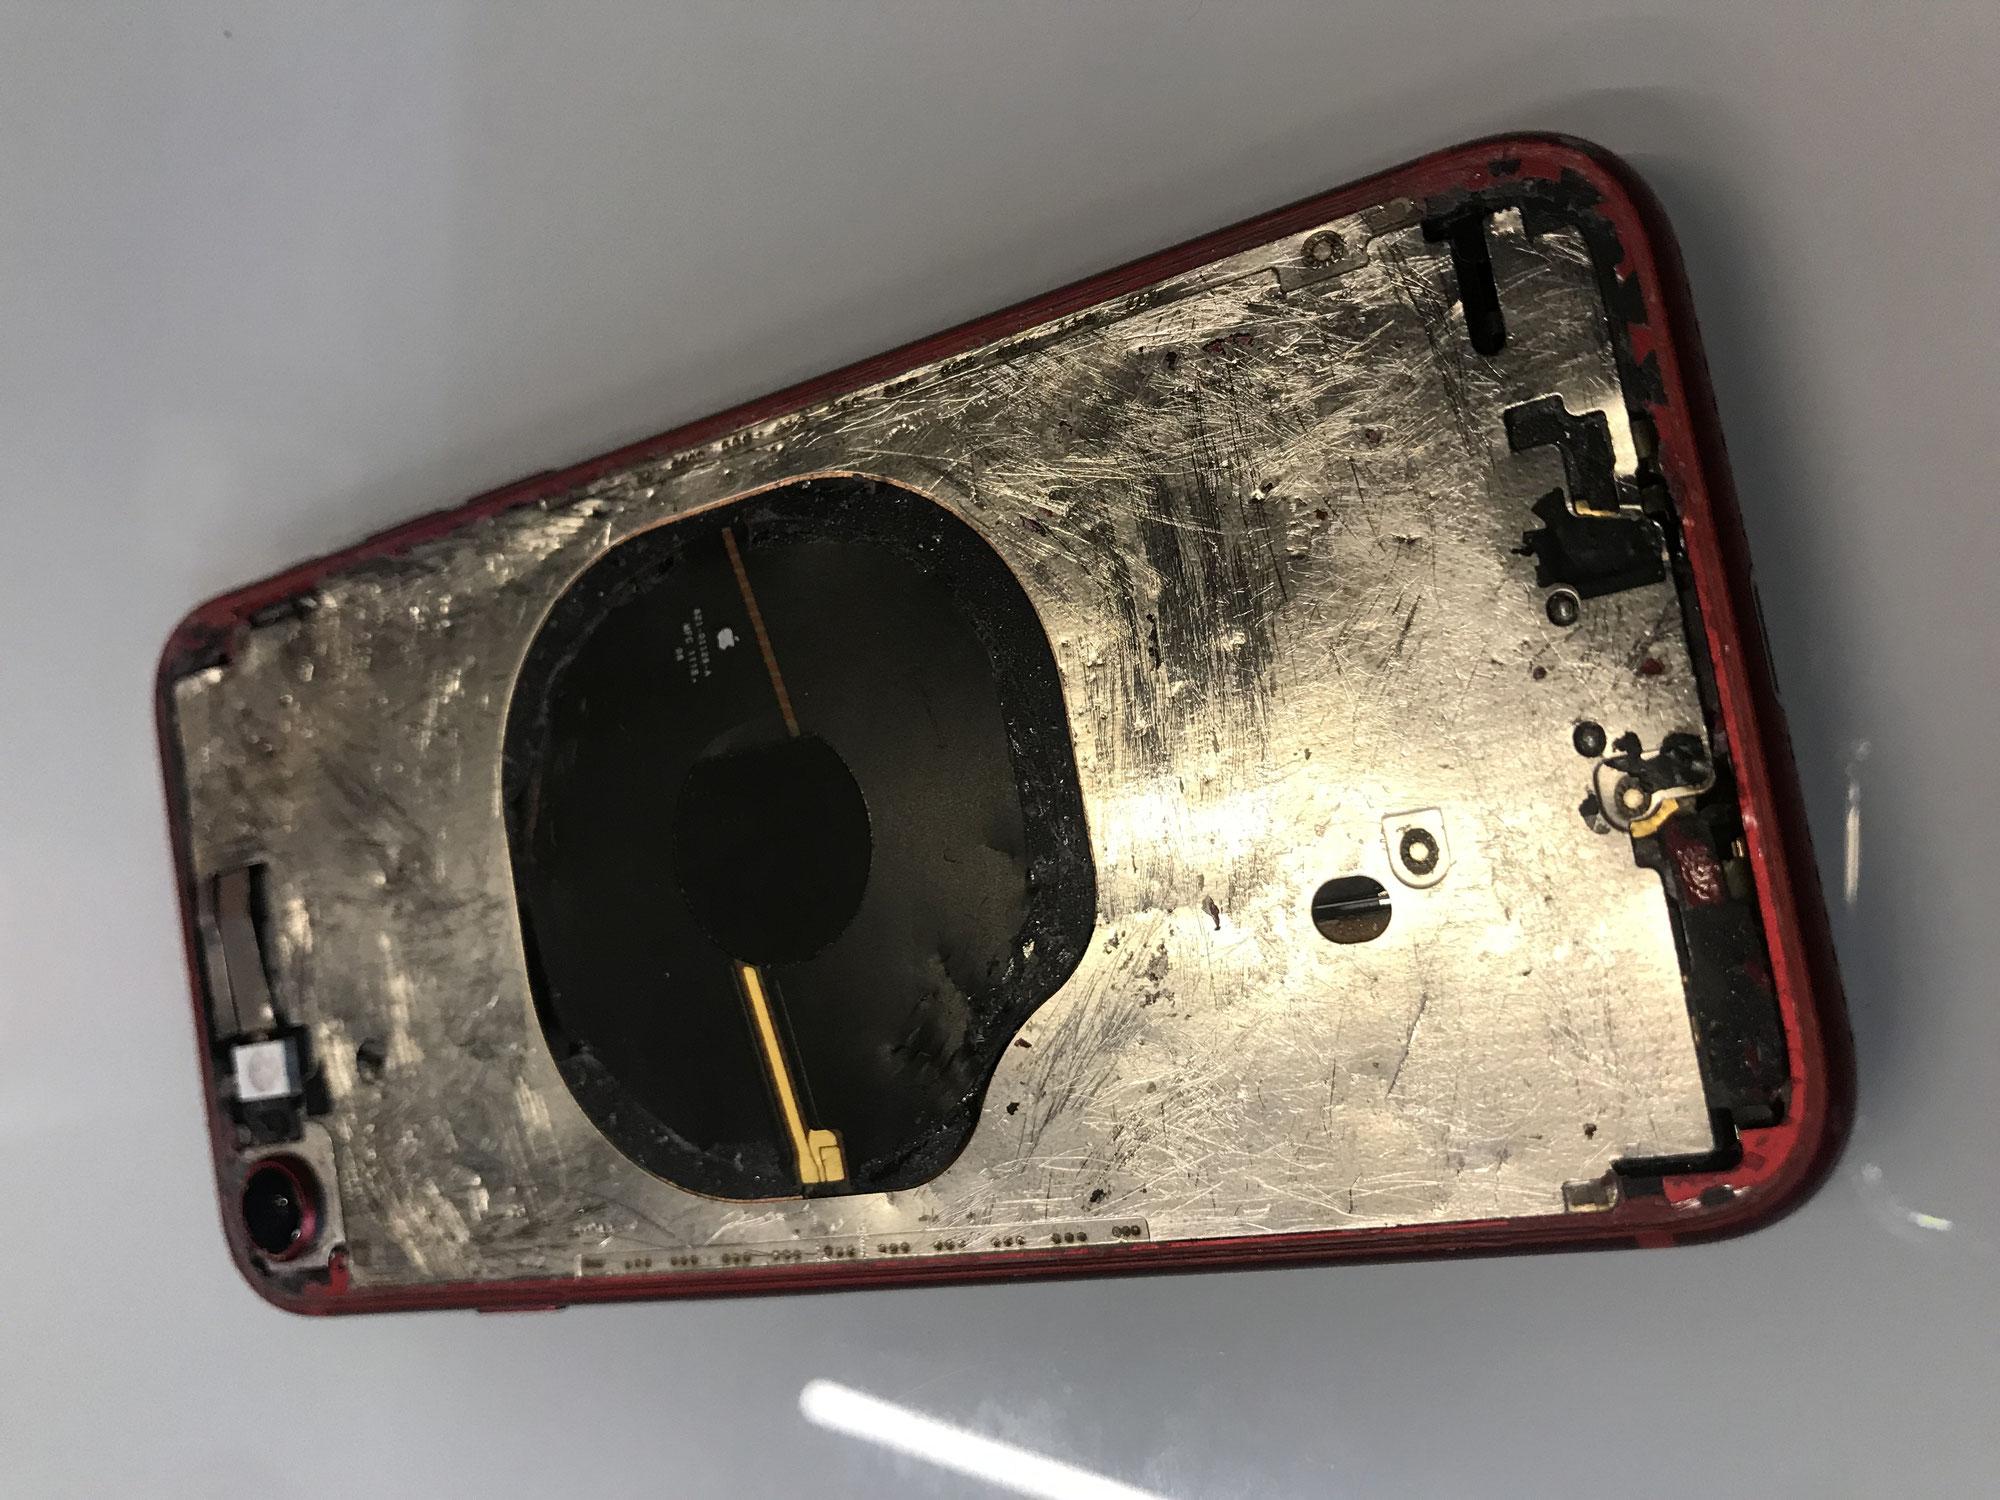 【iPhone修理 所沢 安い】地域最安級の格安で修理するならここ!データそのまま、即日修理!あっという間に修理できます! 新所沢 所沢